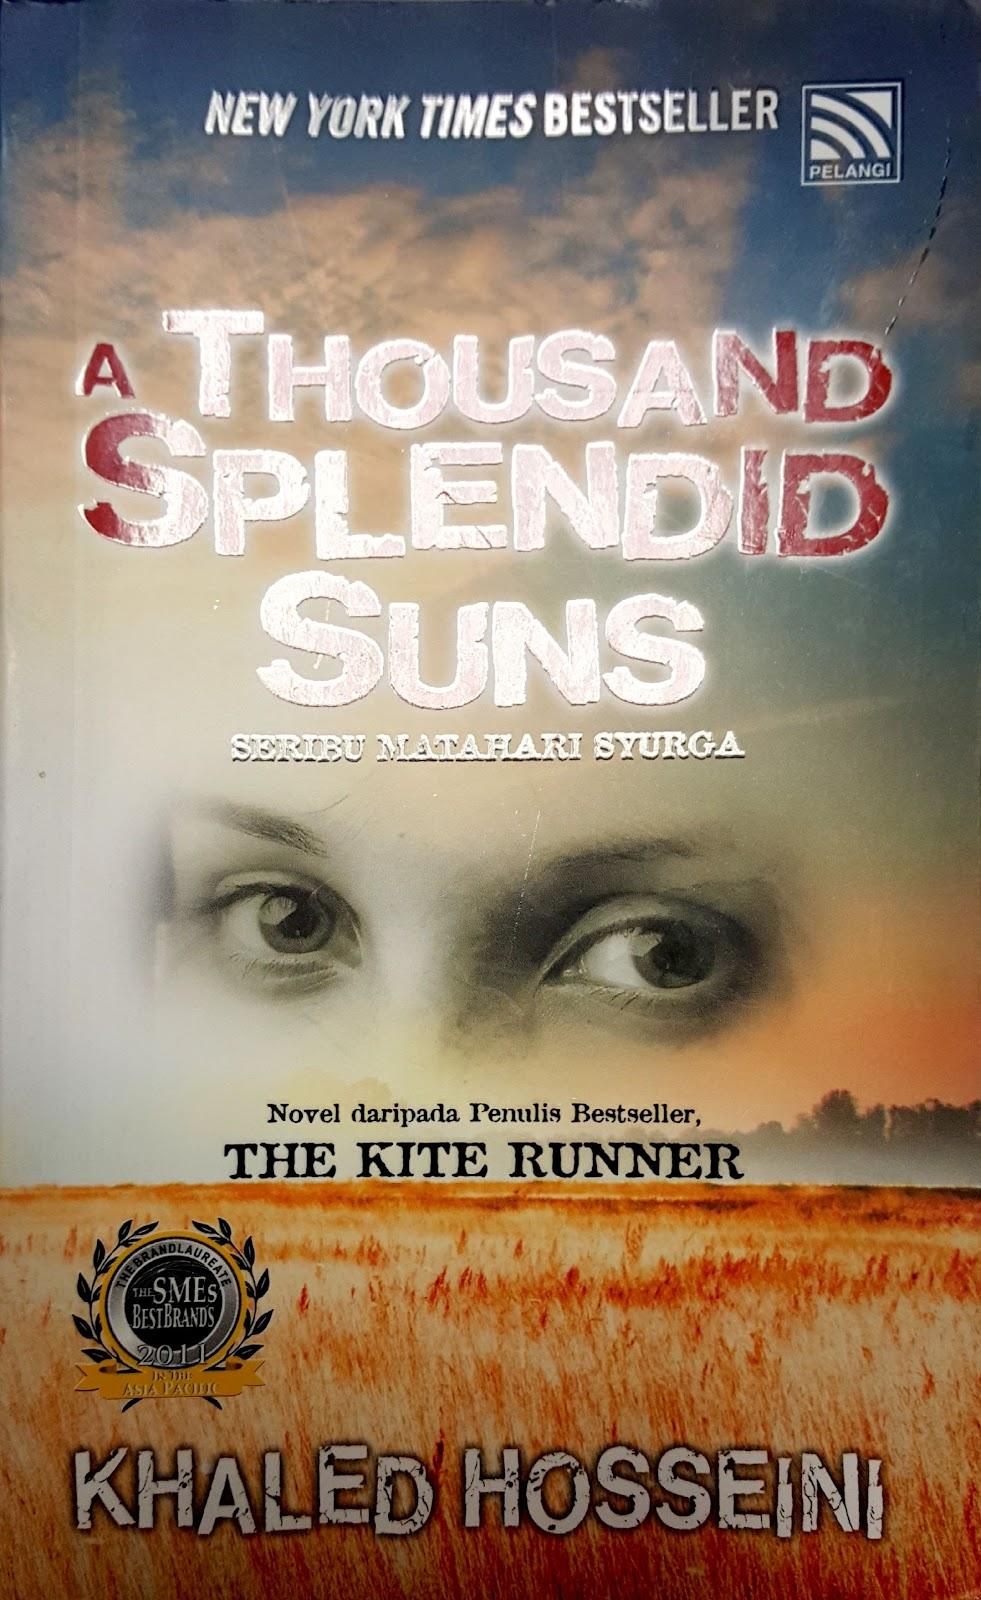 A Thousand Splendid Suns (Khaled Hosseini)